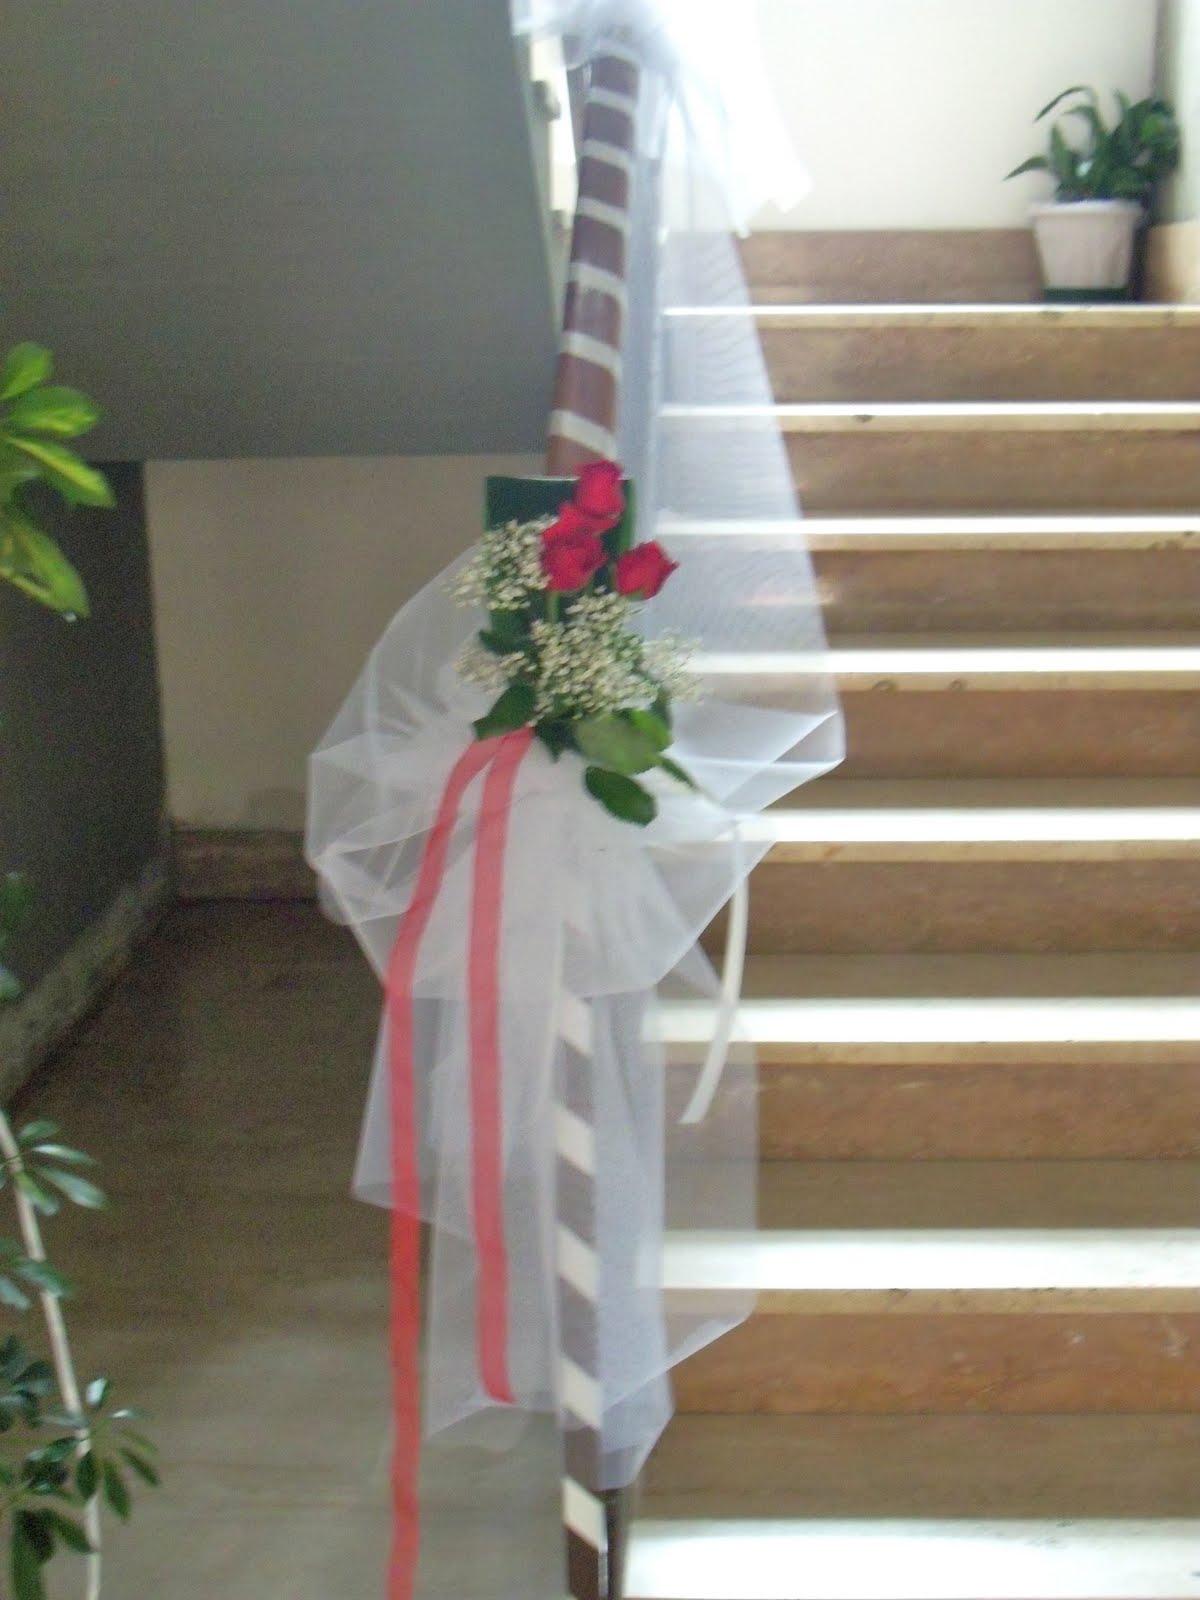 Le gioie di aleuname matrimonio quanti tanti ogni anno - Come addobbare la casa della sposa il giorno del matrimonio ...